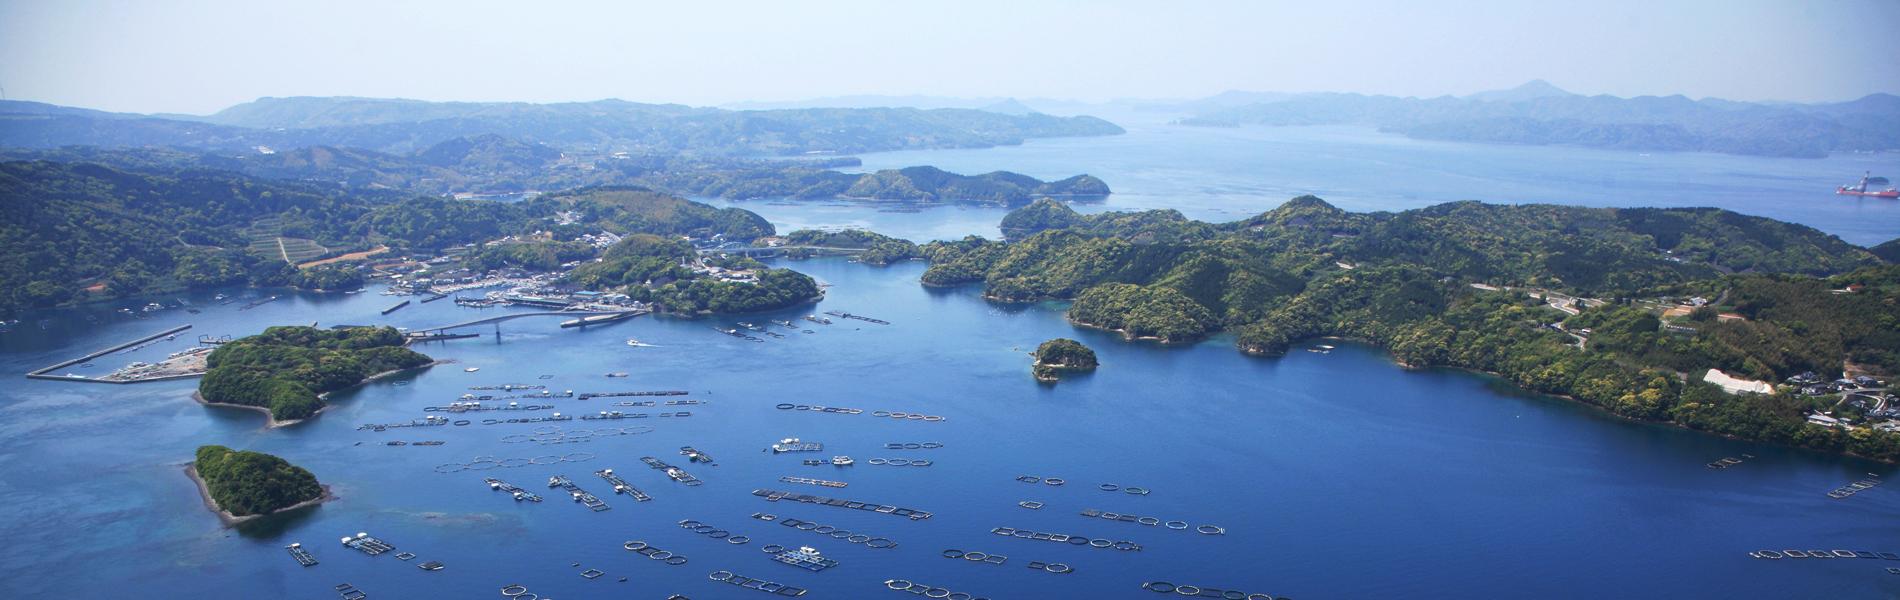 漁業者の所得向上を実現地域活性化につなげたい